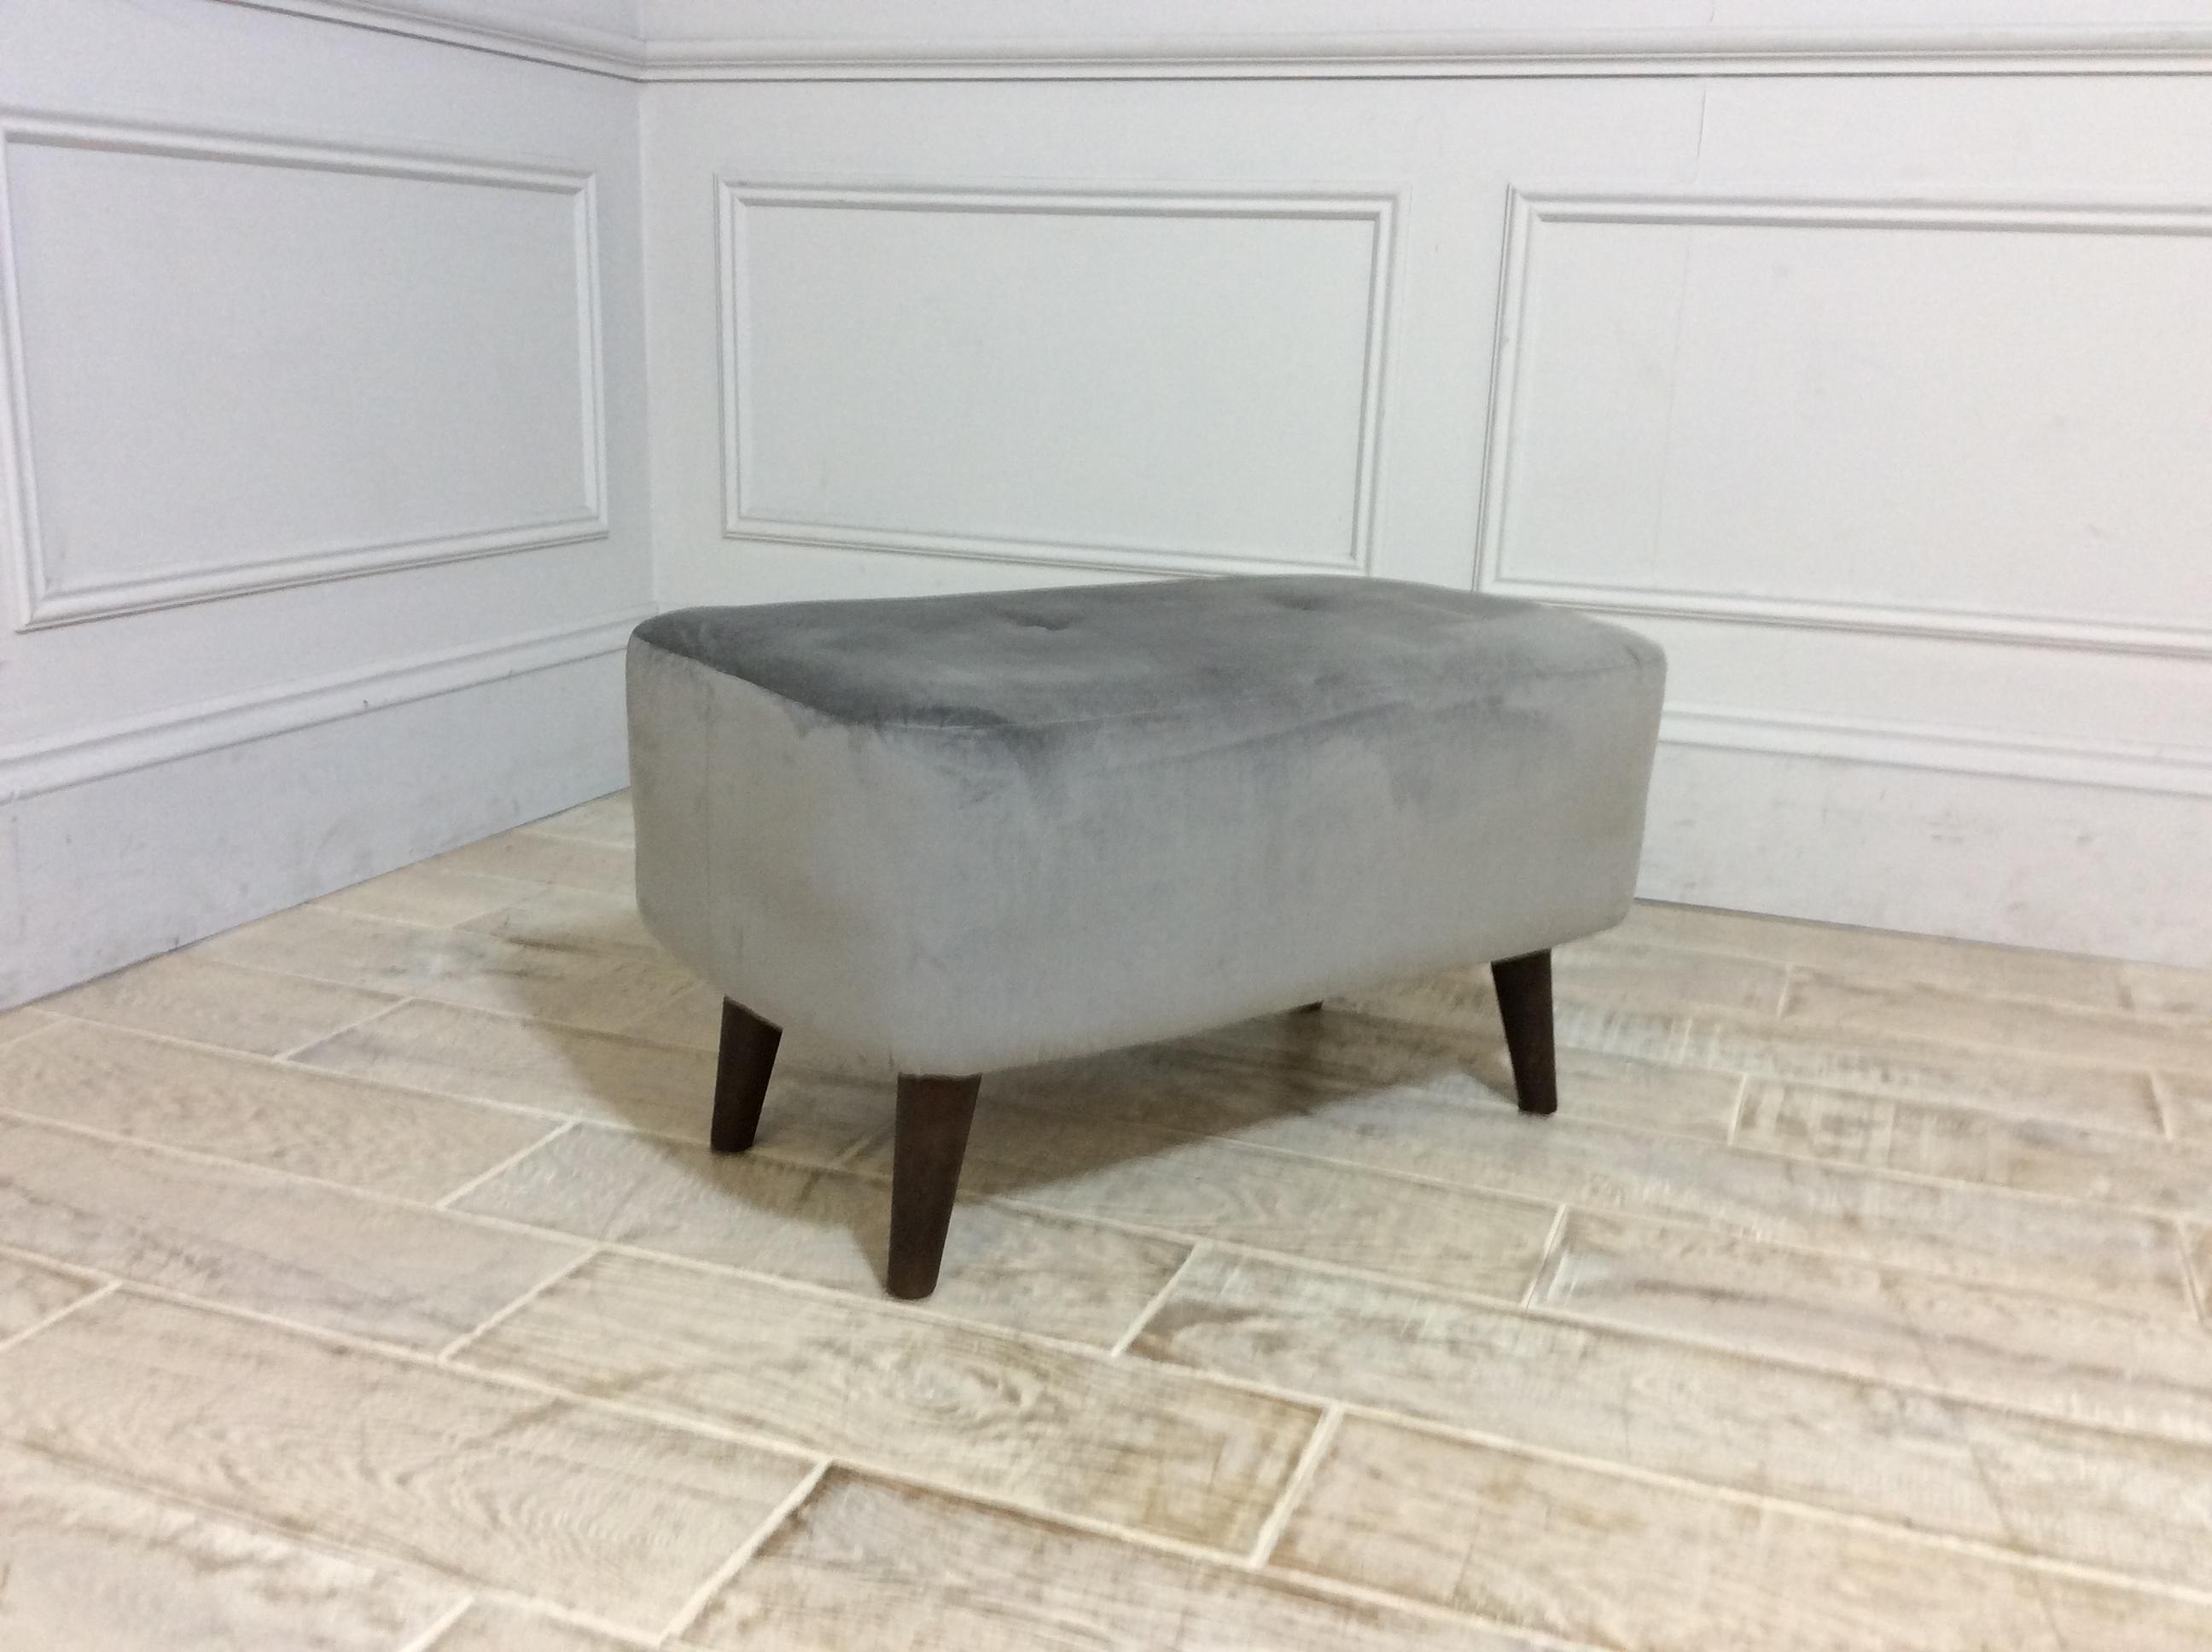 Studio Small Bench Stool in Velvet Slate